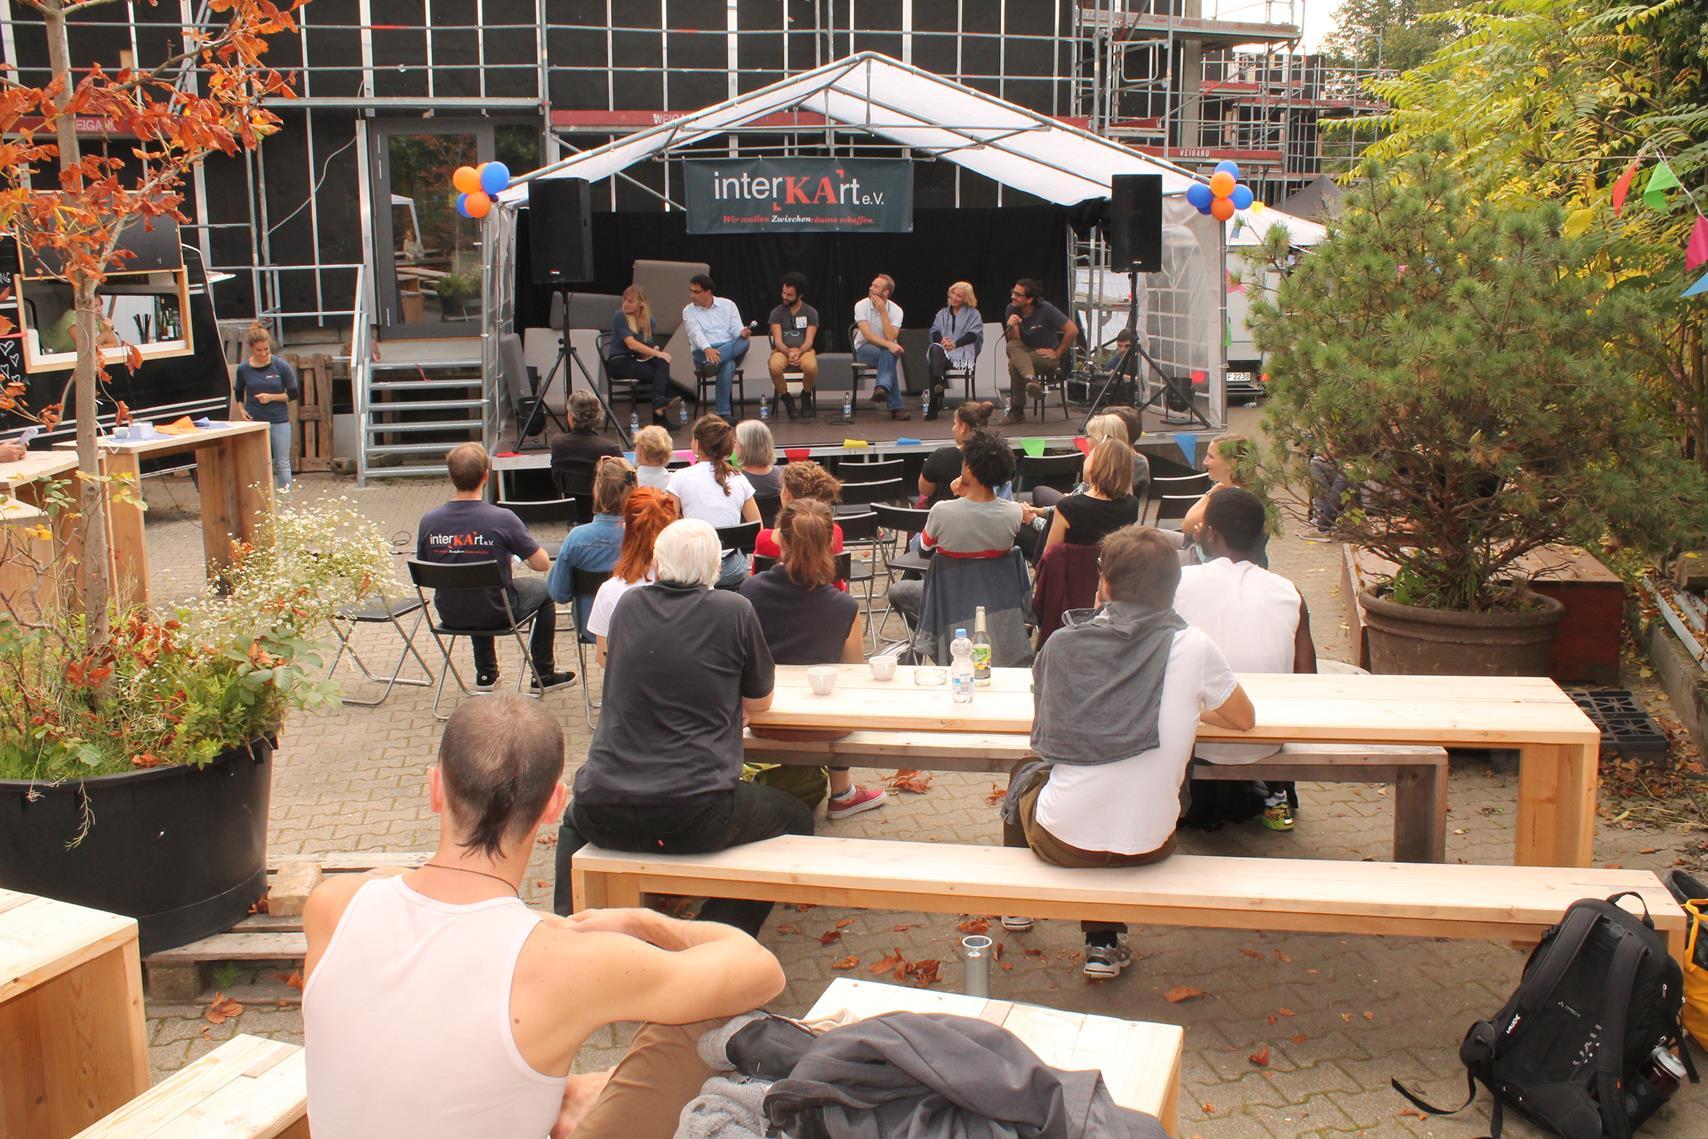 In der großartigen Location der Fettschmelze im Hintergrund die Bühne mit den Gästen, vorne die Zuschauer. Ein interaktives Gespräch, das unter die Haut ging - jeder konnte seine Fragen loswerden.